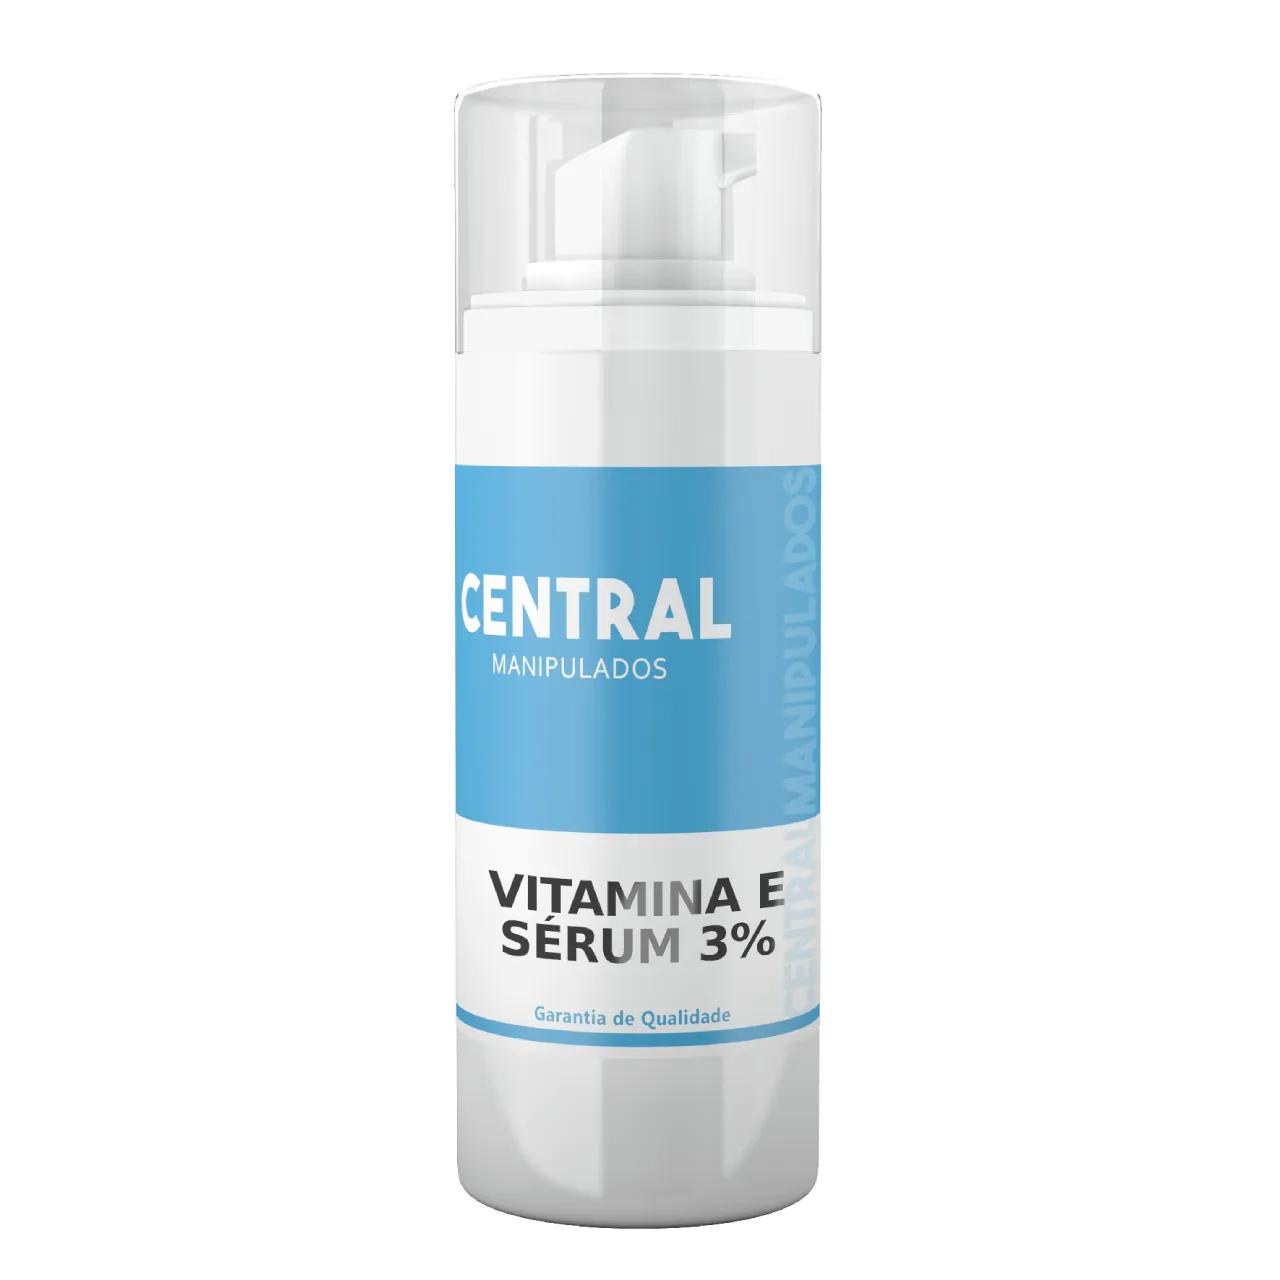 Vitamina E 2% - Sérum 30mL - Antioxidante para Pele, Anti-envelhecimento celular